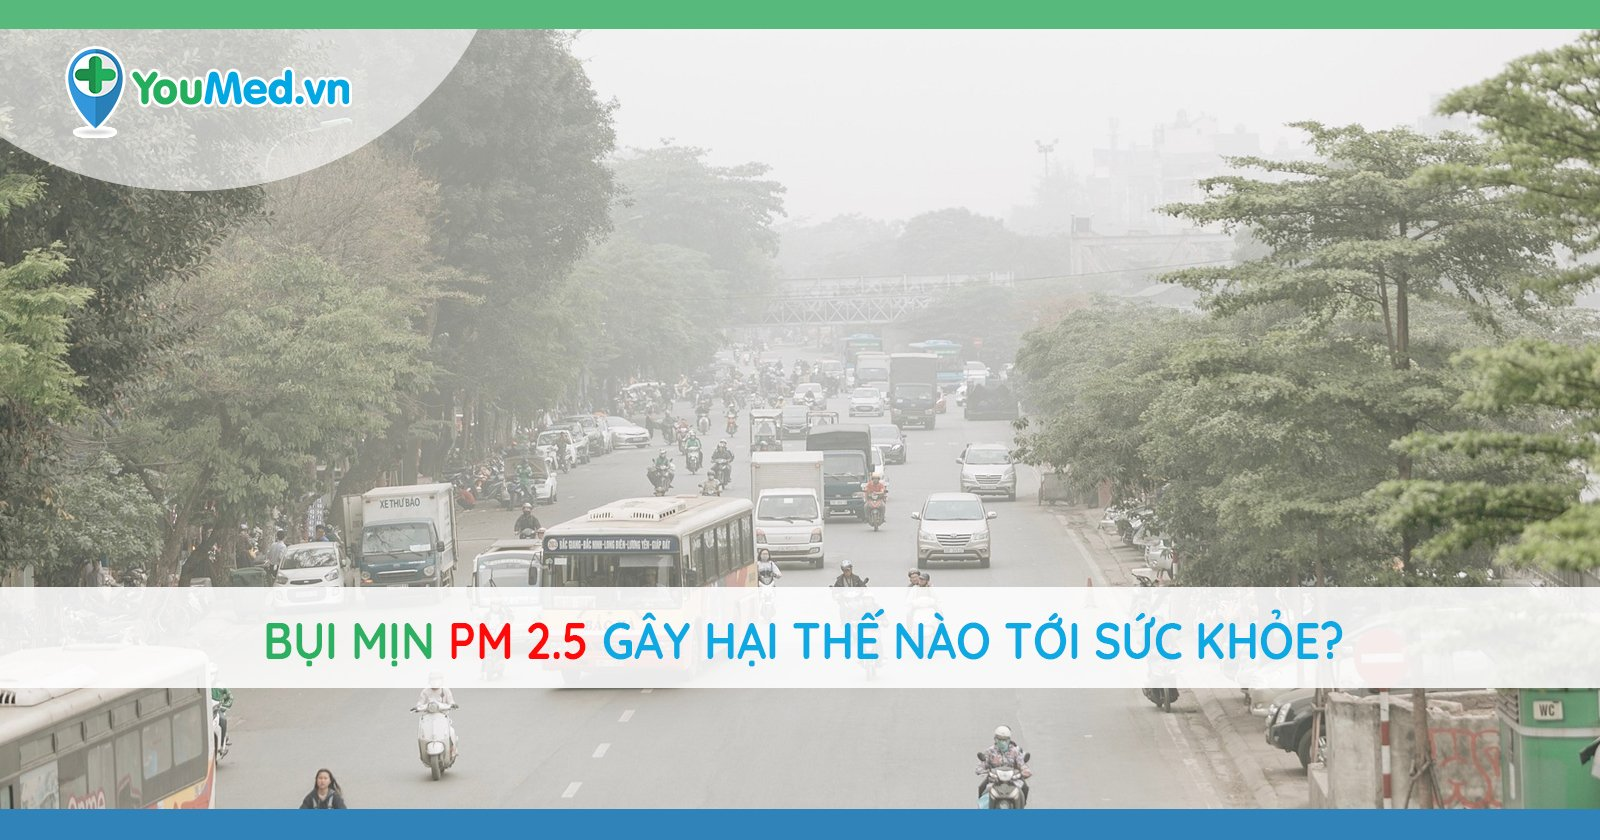 Ô nhiễm không khí, bụi mịn PM2.5 gây hại thế nào tới sức khỏe?